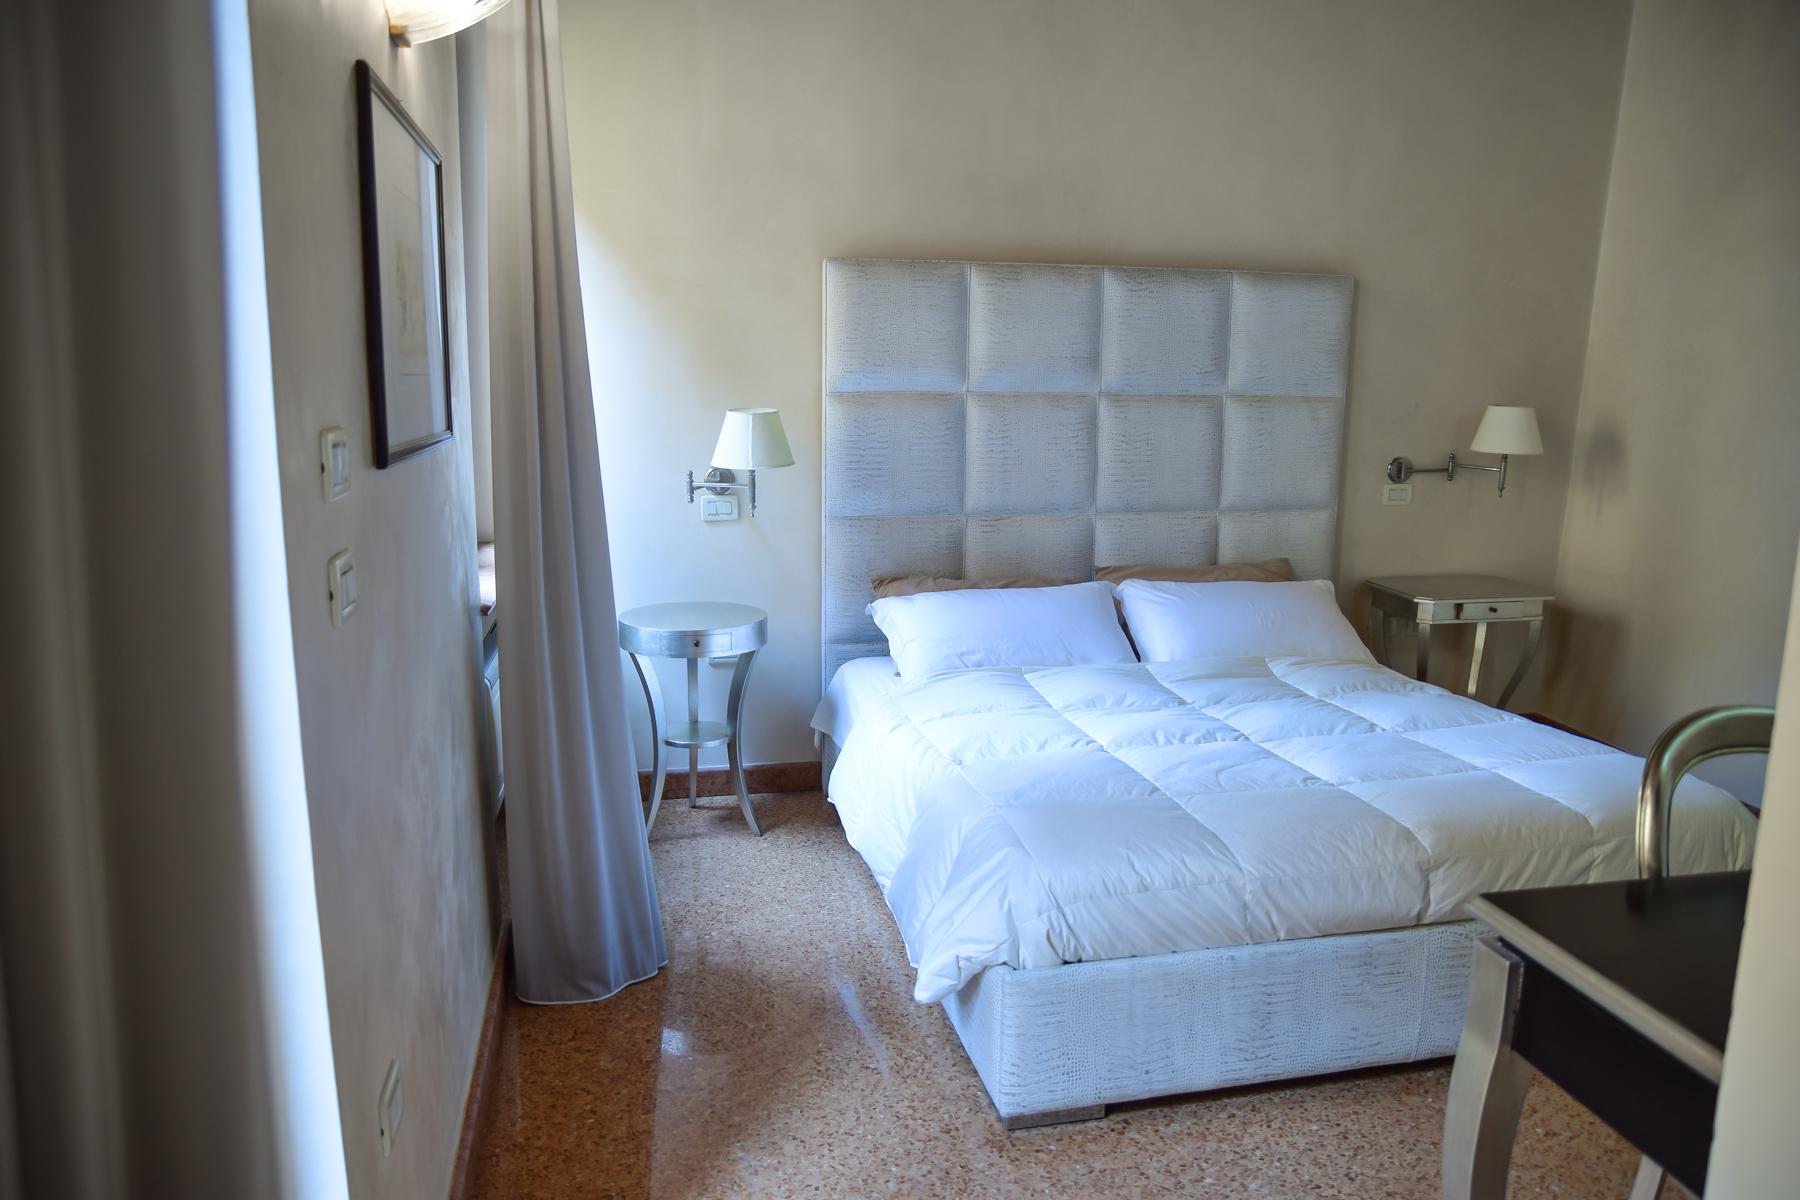 Appartamento in Vendita a Verona: 3 locali, 75 mq - Foto 7